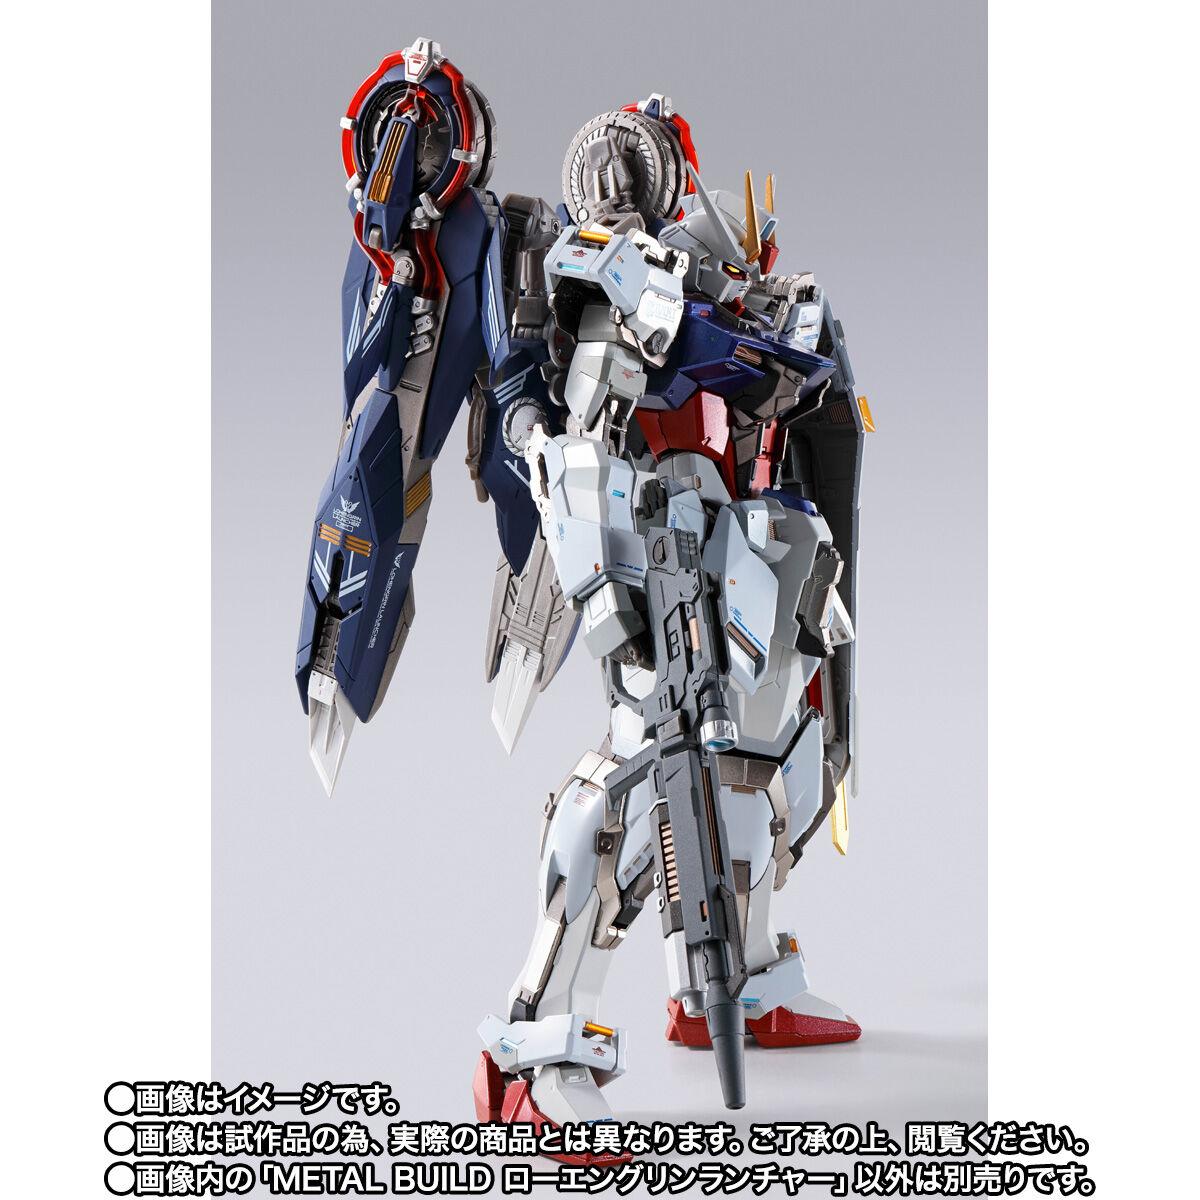 【限定販売】METAL BUILD『ローエングリンランチャー』機動戦士ガンダムSEED ASTRAY 可動フィギュア-008